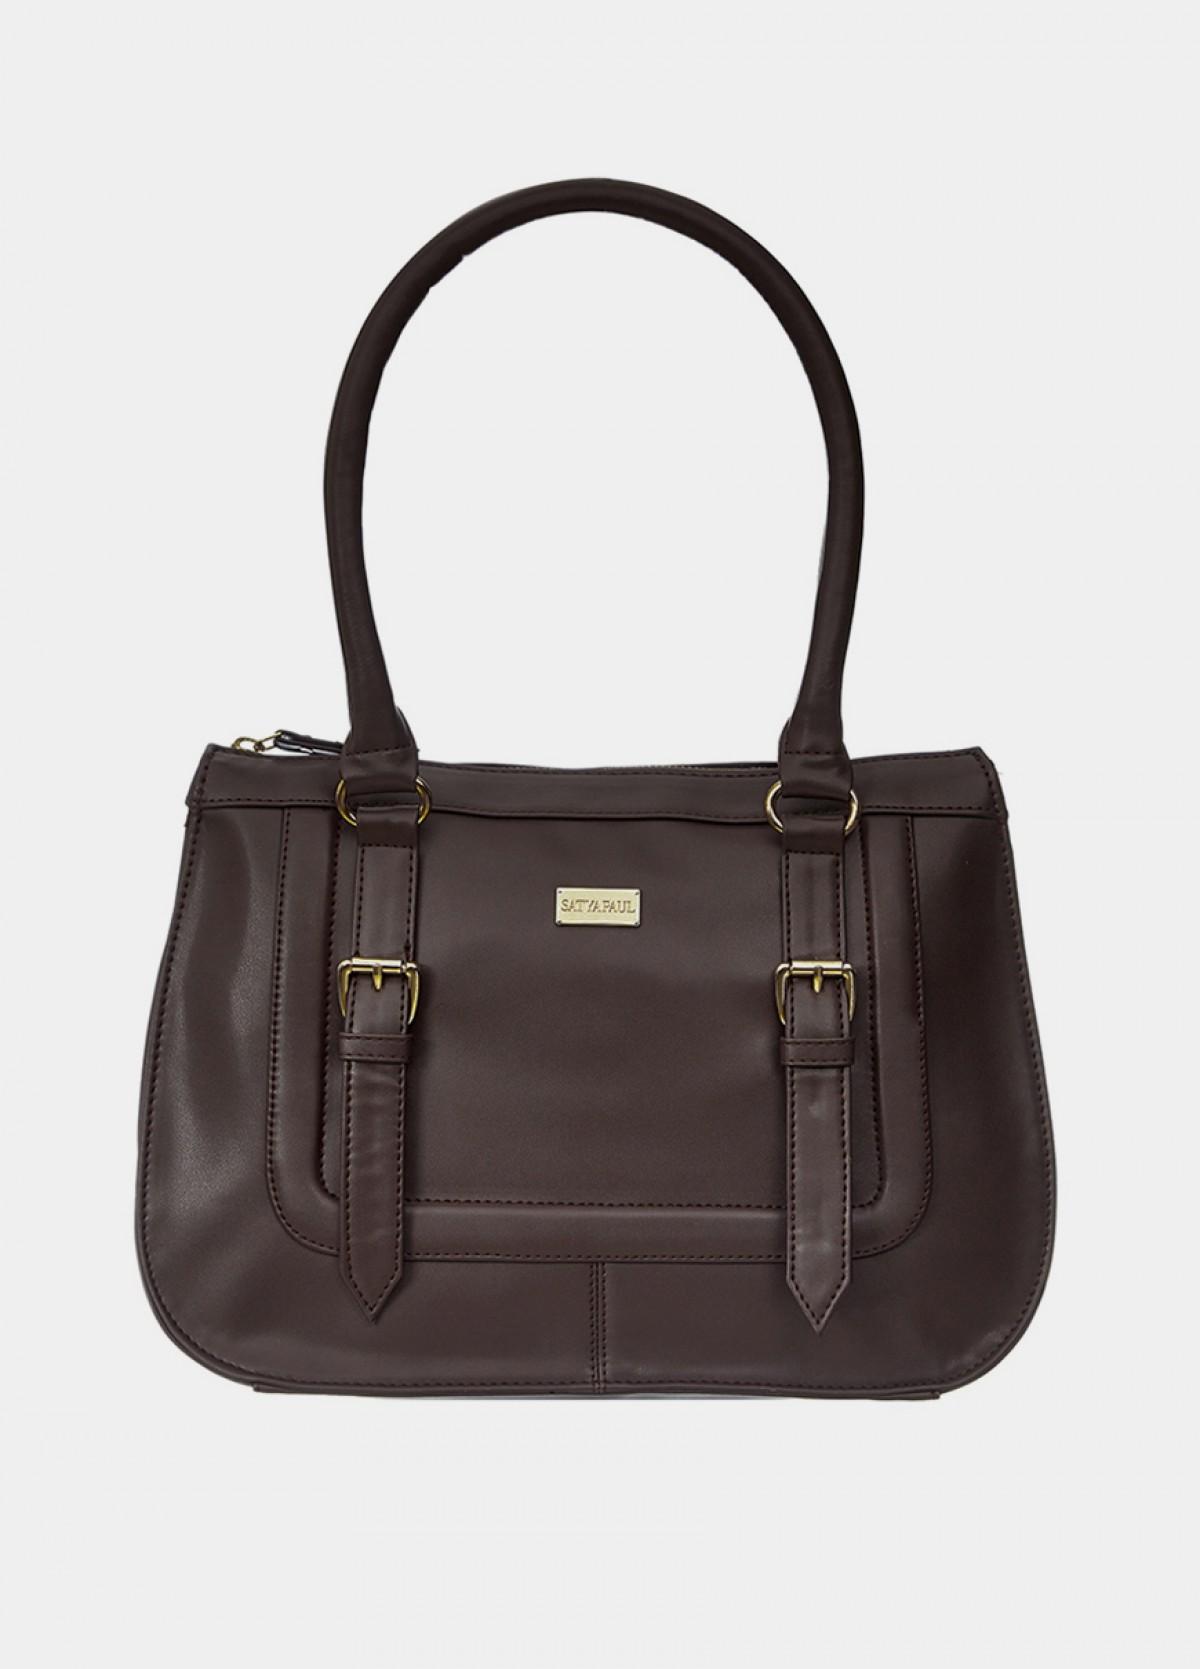 The Brown Shoulder Bag